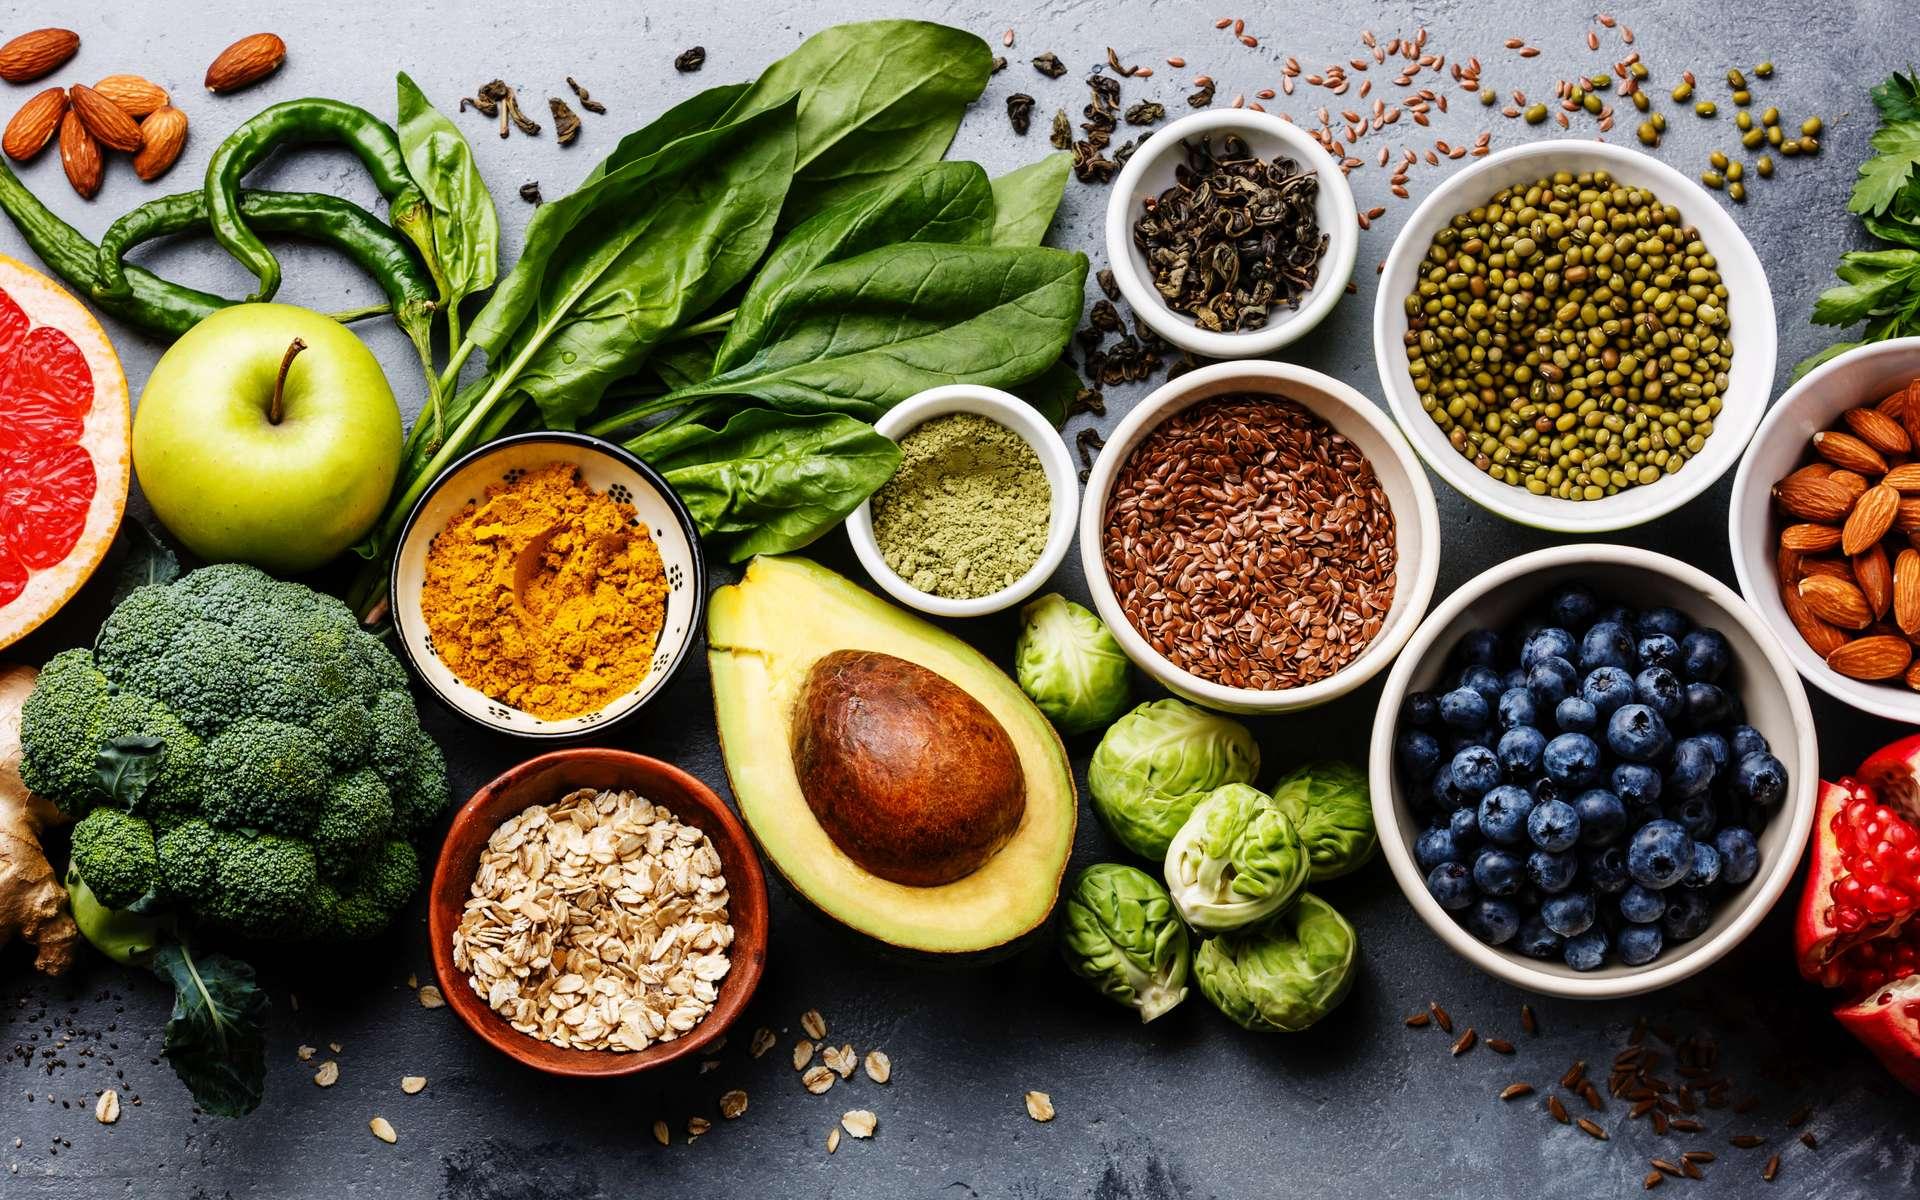 Pour manger mieux, il faut privilégier les aliments frais et bruts plutôt que des plat industriels ultra-transformés. © Natalia Lisovskaya, Adobe Stock